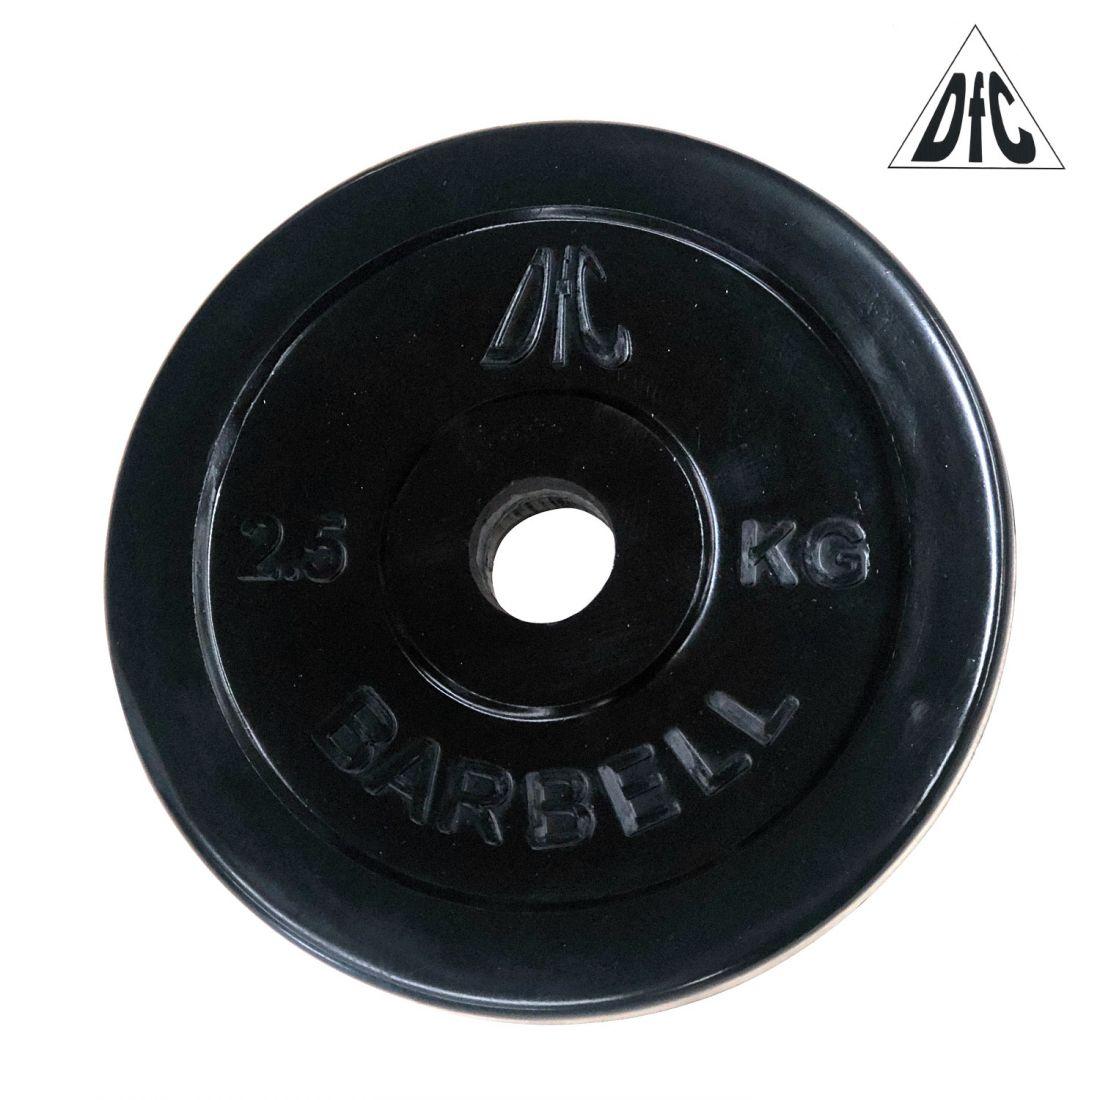 Диск обрезиненный DFC, чёрный, 26 мм, 2,5кг